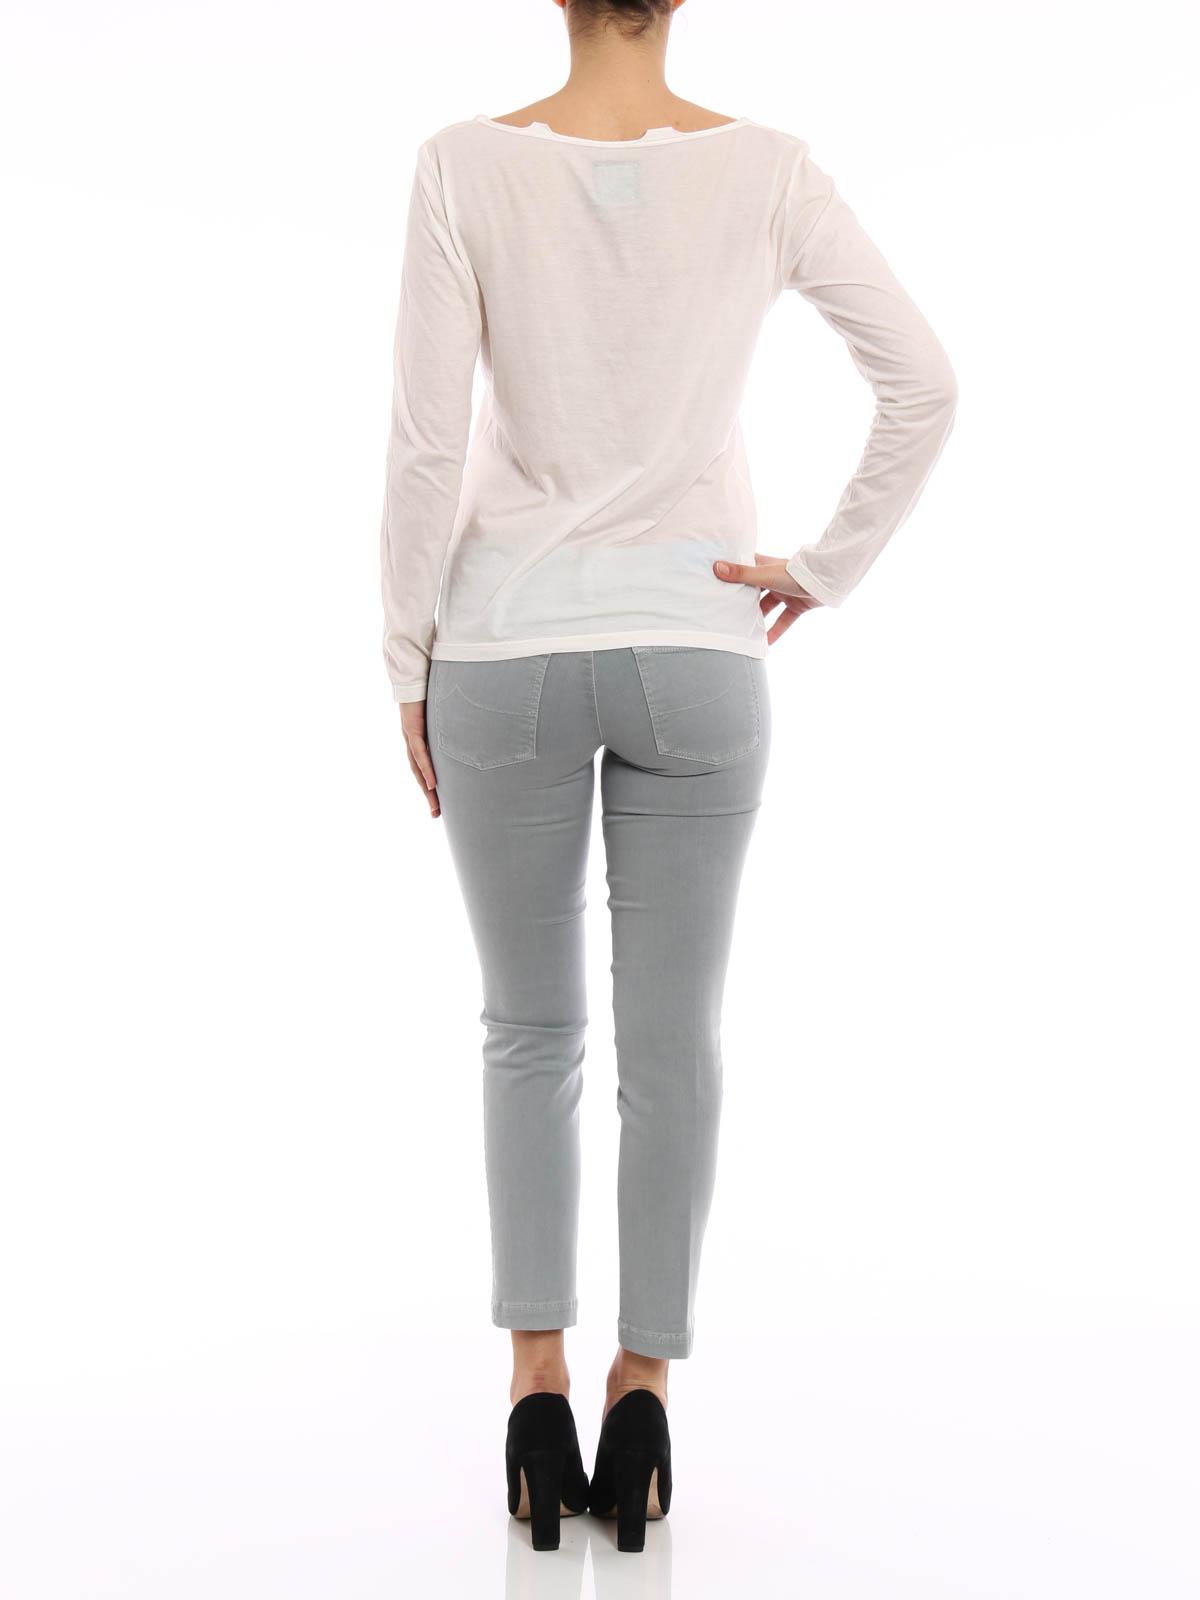 skinny jeans by jacob cohen skinny jeans ikrix. Black Bedroom Furniture Sets. Home Design Ideas